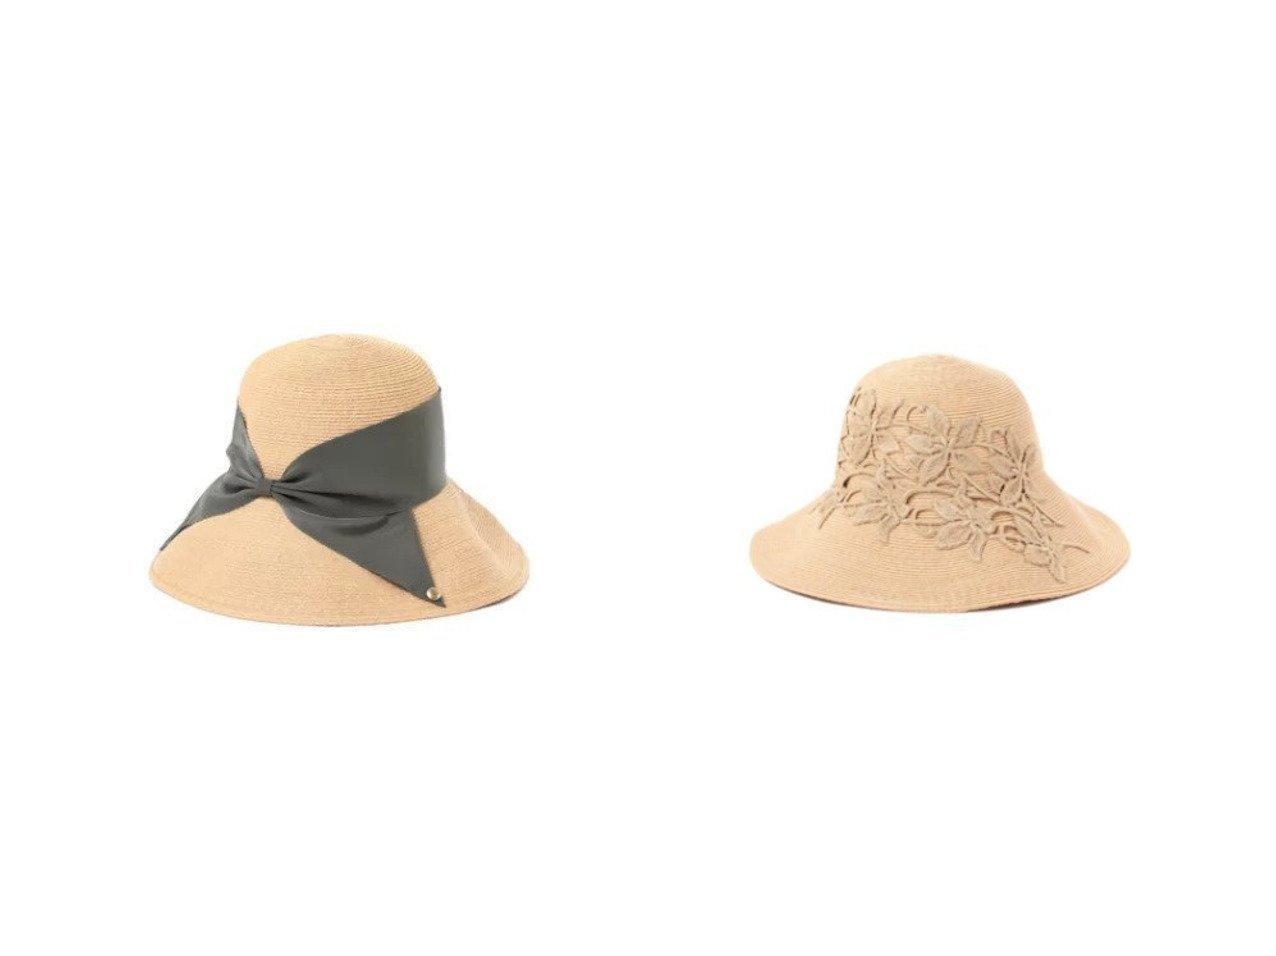 【Demi-Luxe BEAMS/デミルクス ビームス】のRisako Raffia ハット&Plumeria ハット おすすめ!人気、トレンド・レディースファッションの通販 おすすめで人気の流行・トレンド、ファッションの通販商品 メンズファッション・キッズファッション・インテリア・家具・レディースファッション・服の通販 founy(ファニー) https://founy.com/ ファッション Fashion レディースファッション WOMEN 帽子 Hats エレガント ニューヨーク ラフィア レース 帽子 定番 Standard 人気 リボン |ID:crp329100000029512